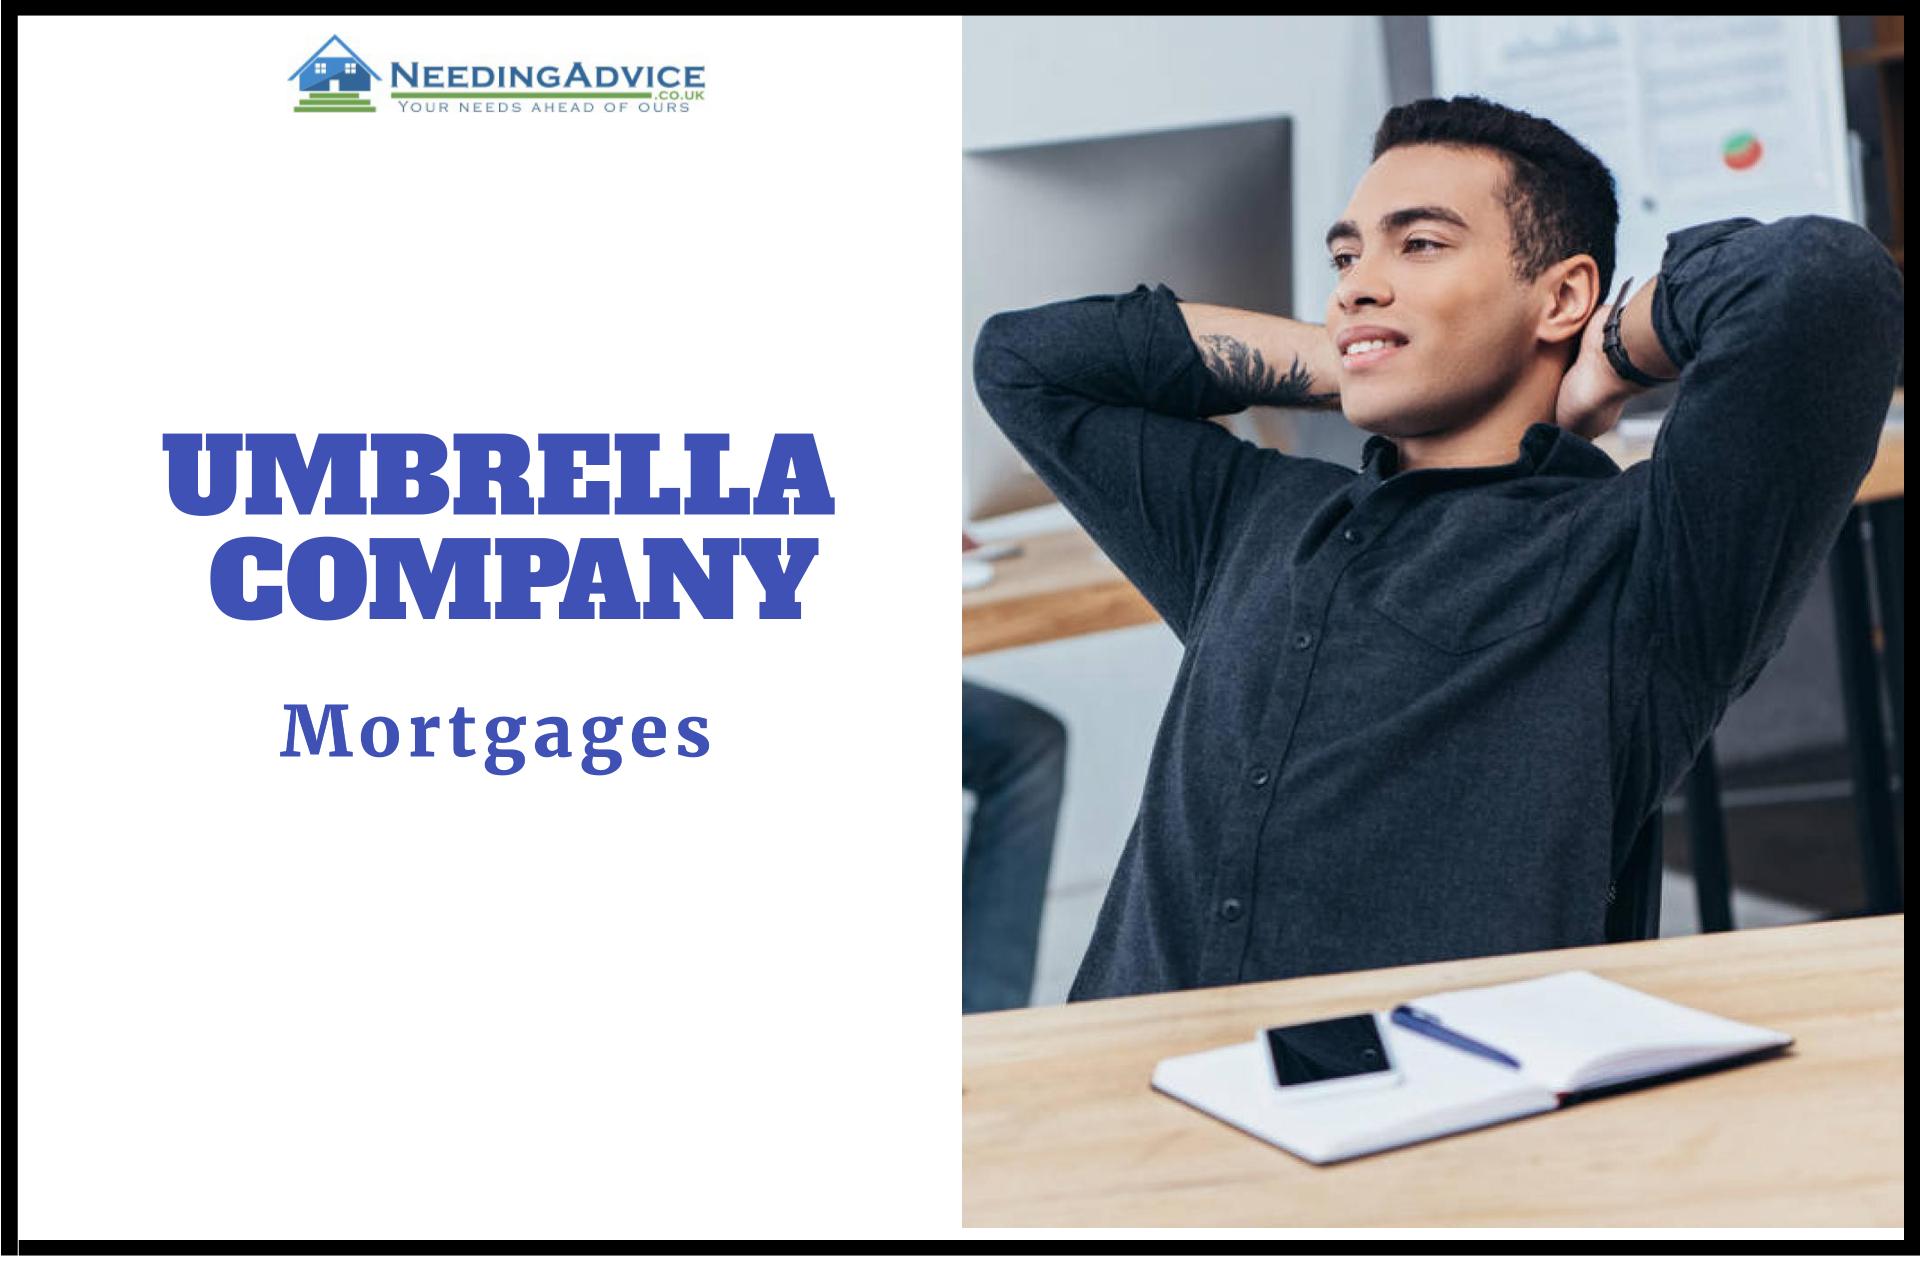 umbrella company mortgages